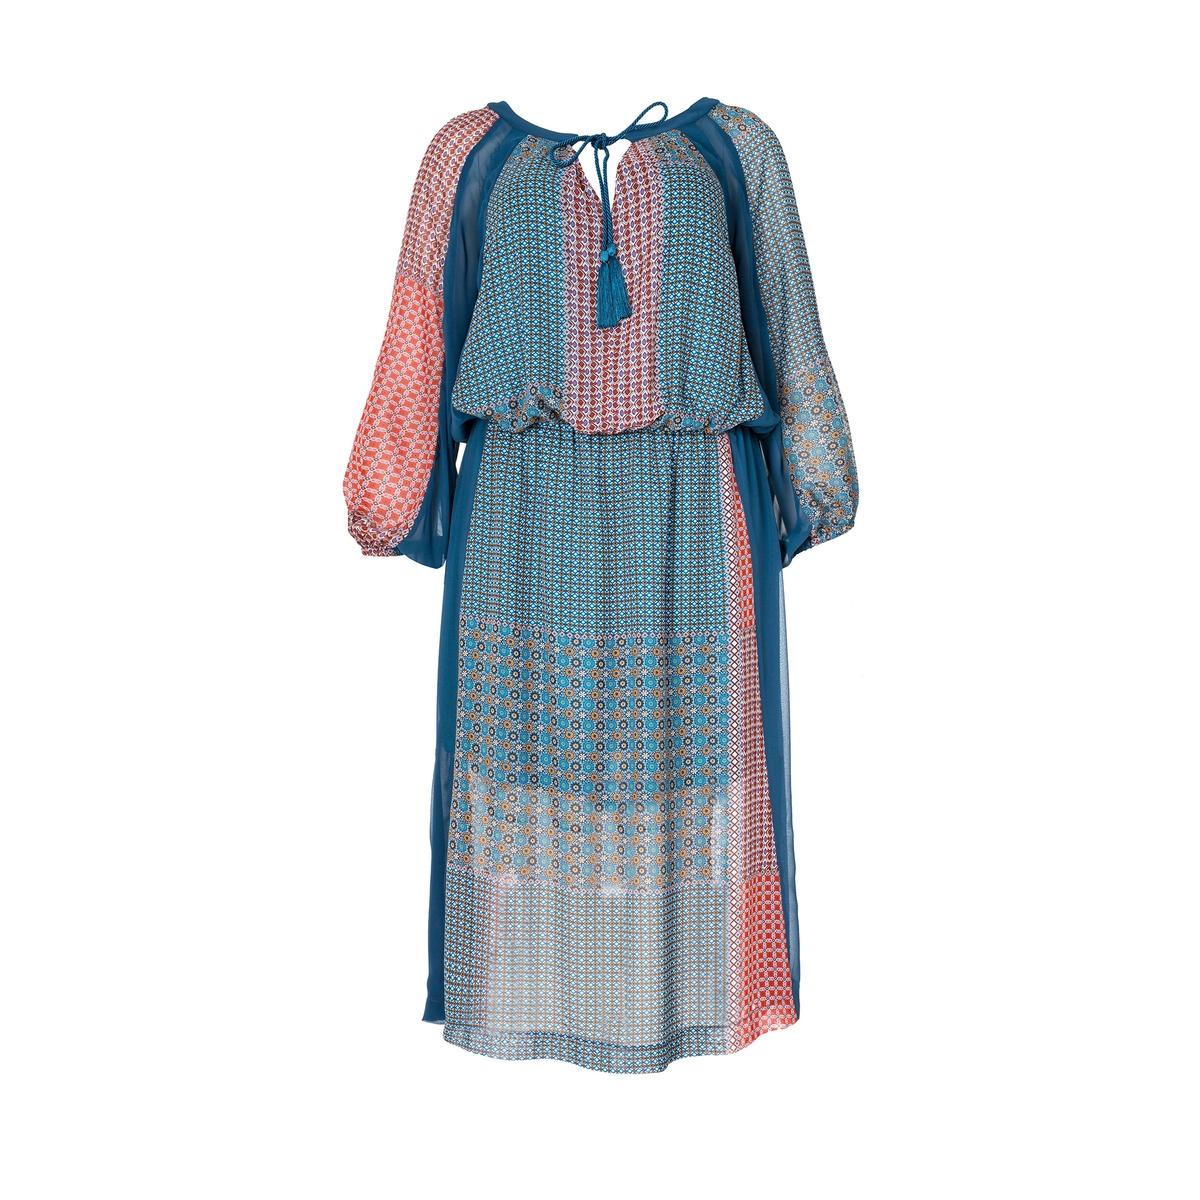 ПлатьеОбъемный покрой с поясом, ткань с лоскутным мотивом . Длинные рукава со сборками  . V-образный вырез с завязками с бахромой .<br><br>Цвет: набивной рисунок<br>Размер: 44/46 (FR) - 50/52 (RUS)